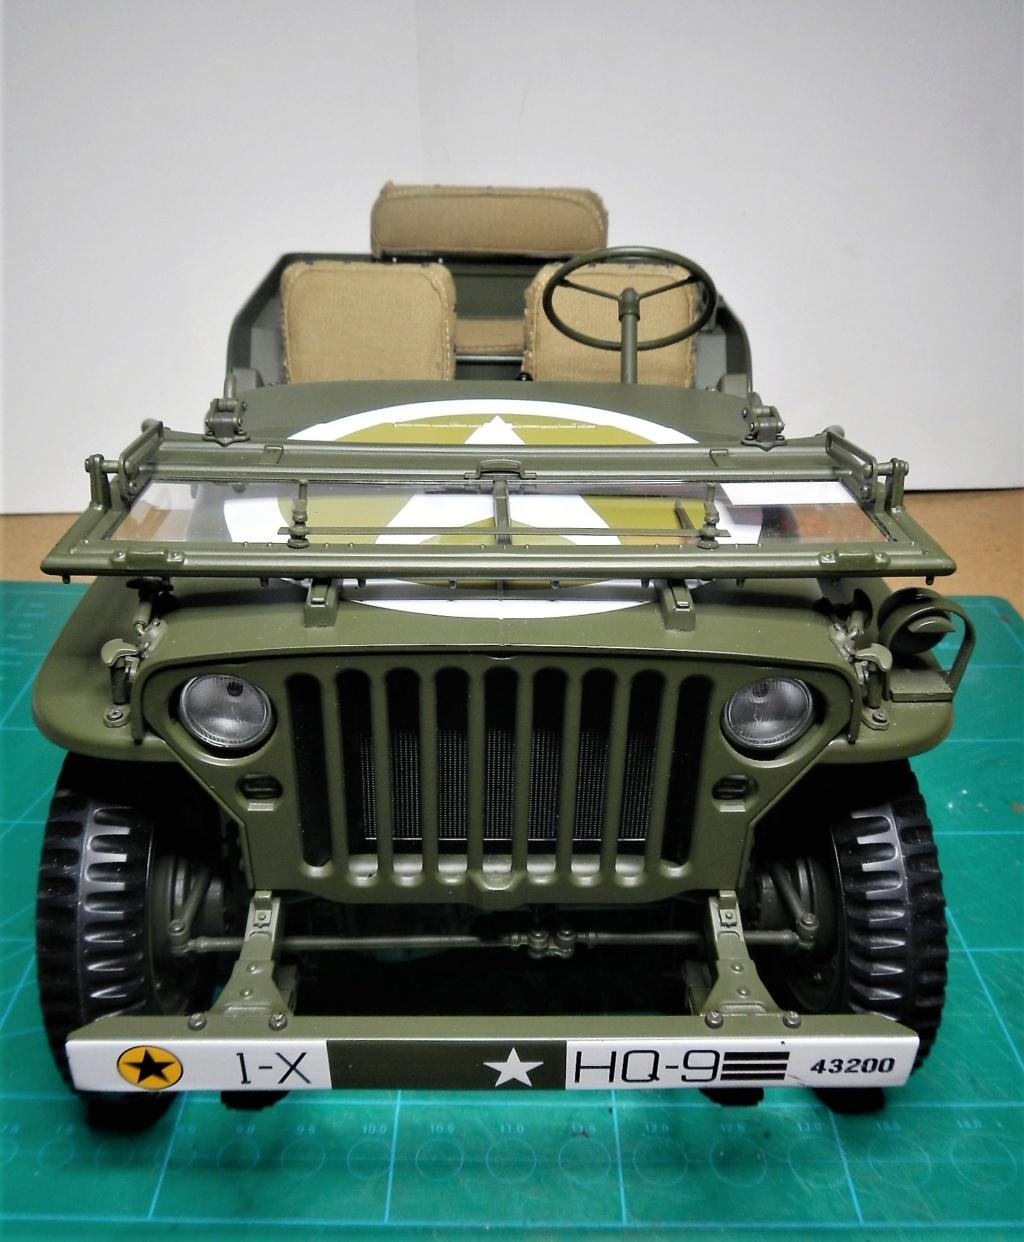 Jeep Willys - 1/8ème - Ed. Hachette - Construction par Glénans (Partie 1) - Page 40 Dscn9227